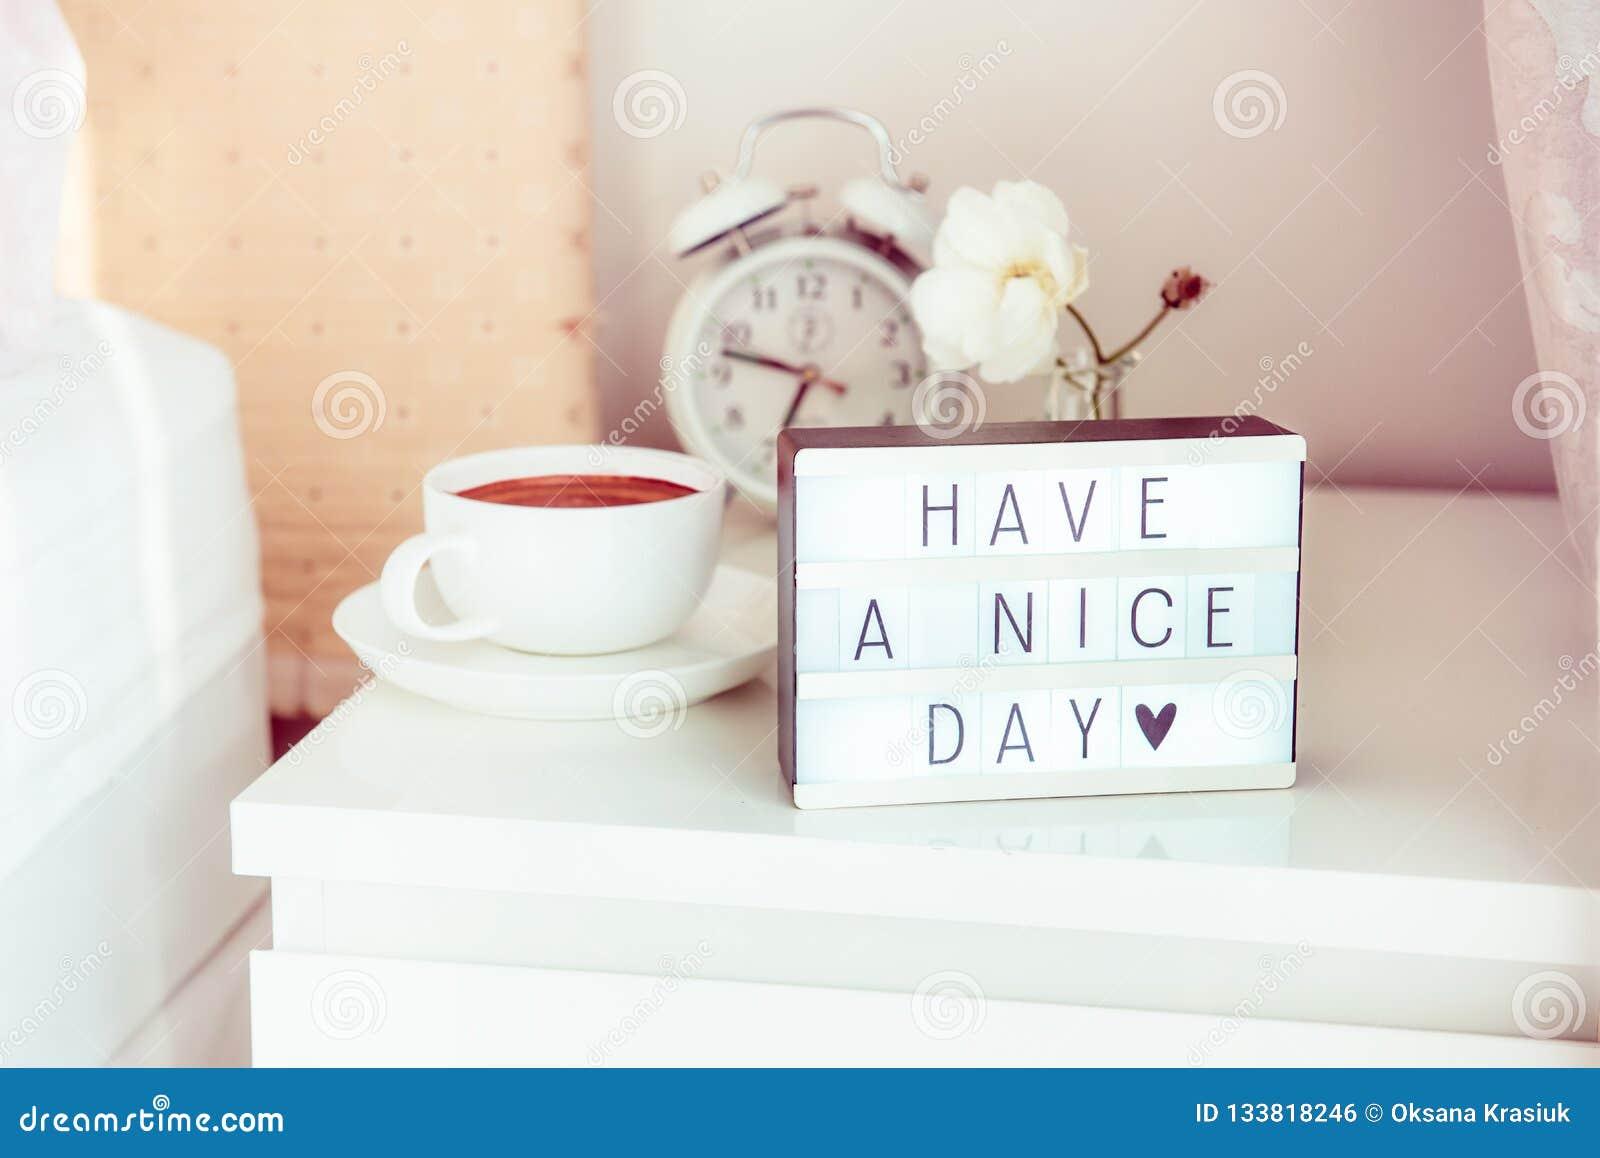 Ayez un message de beau jour sur la boîte allumée, le réveil, la tasse de café et la fleur sur la table de chevet dans la lumière